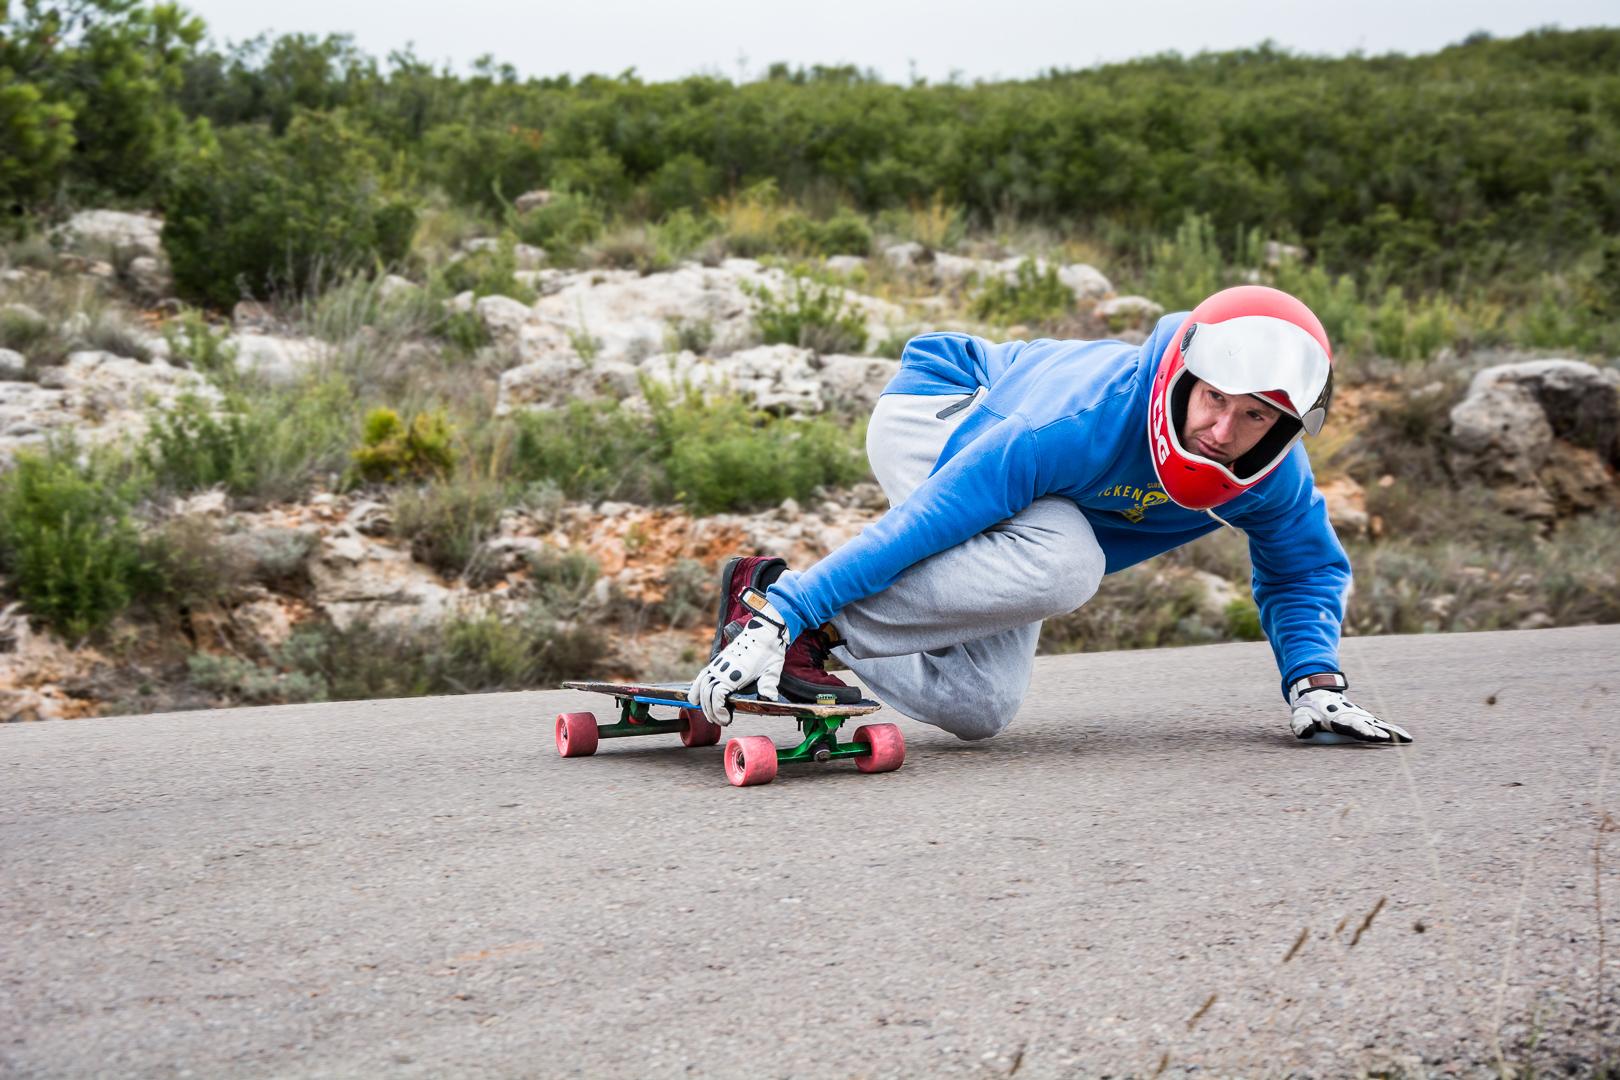 freeride y downhill longboard